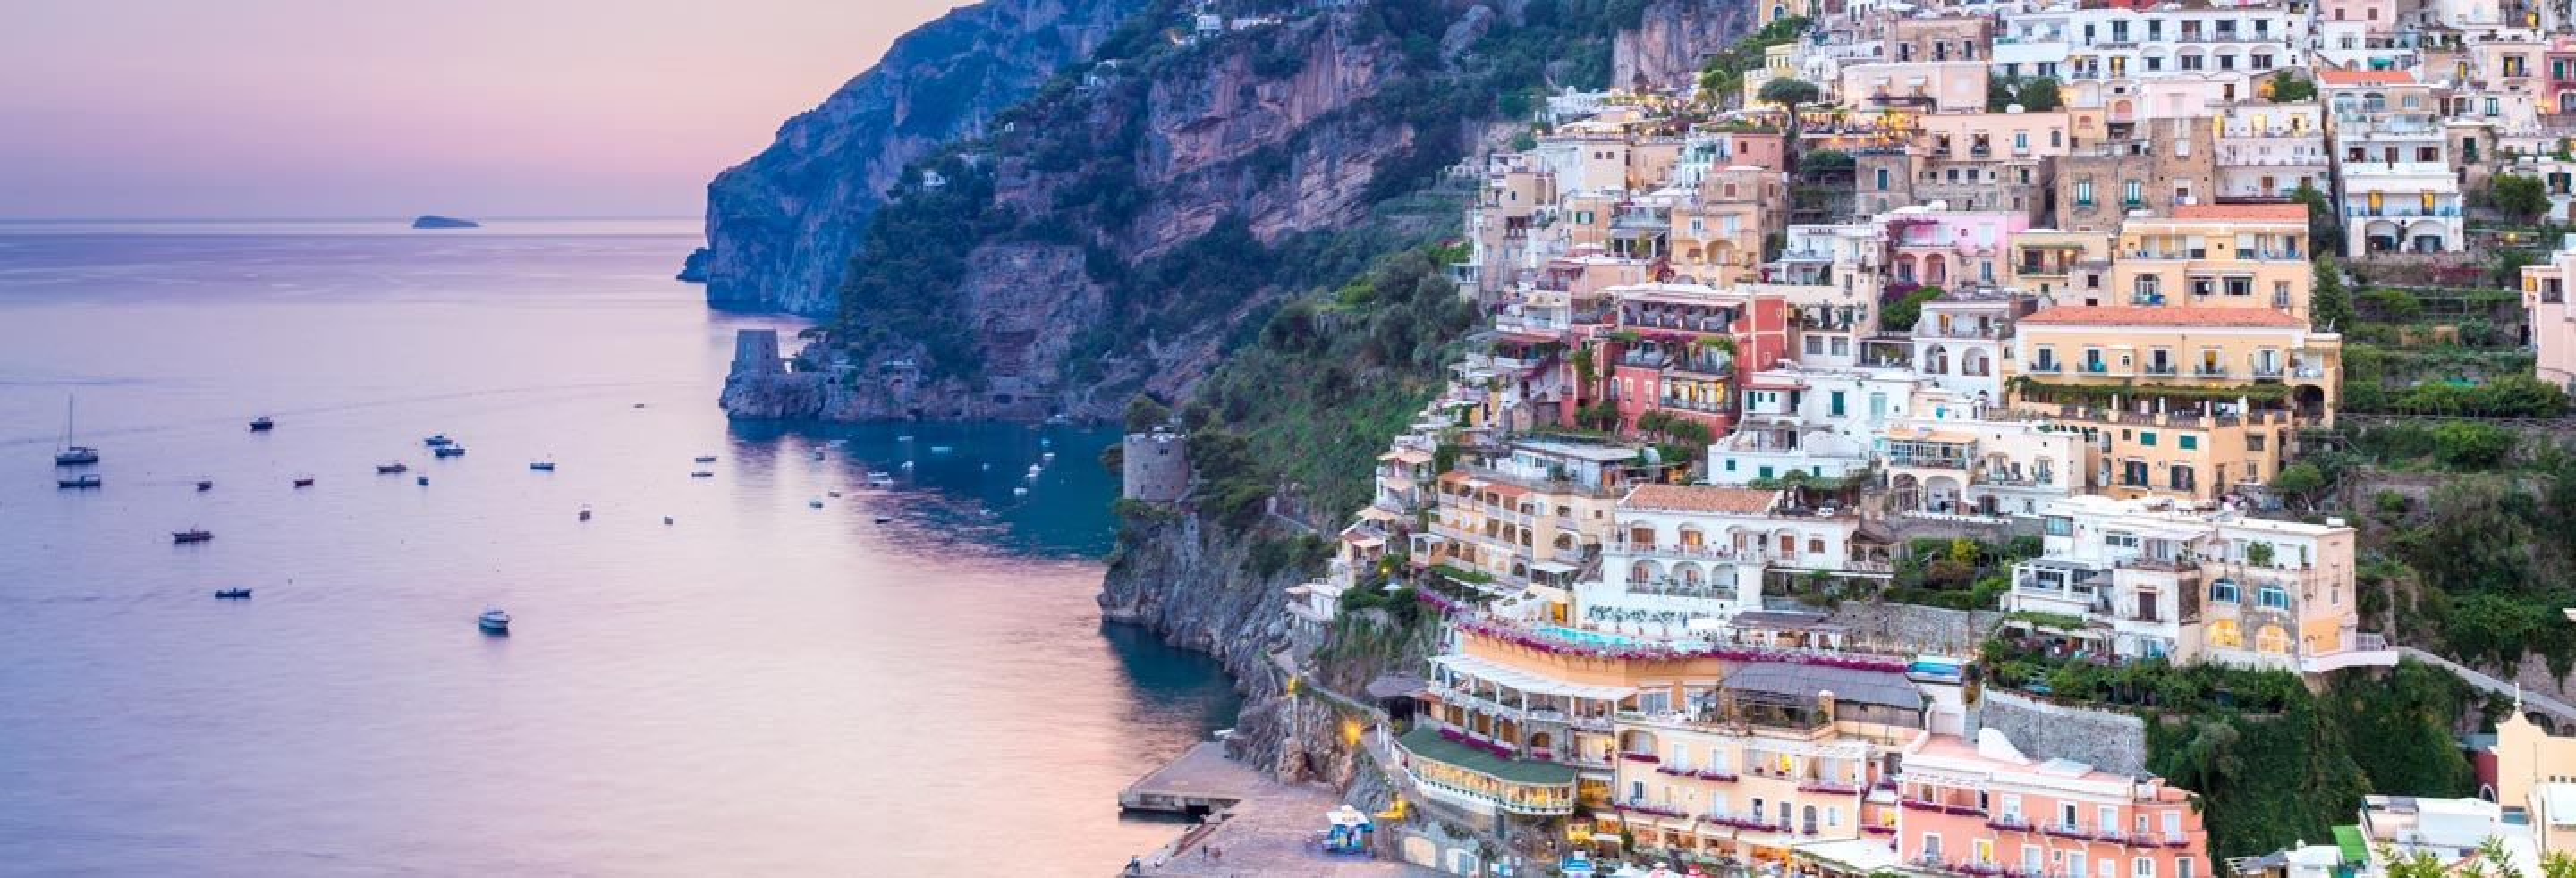 Excursión a Sorrento y la Costa Amalfitana